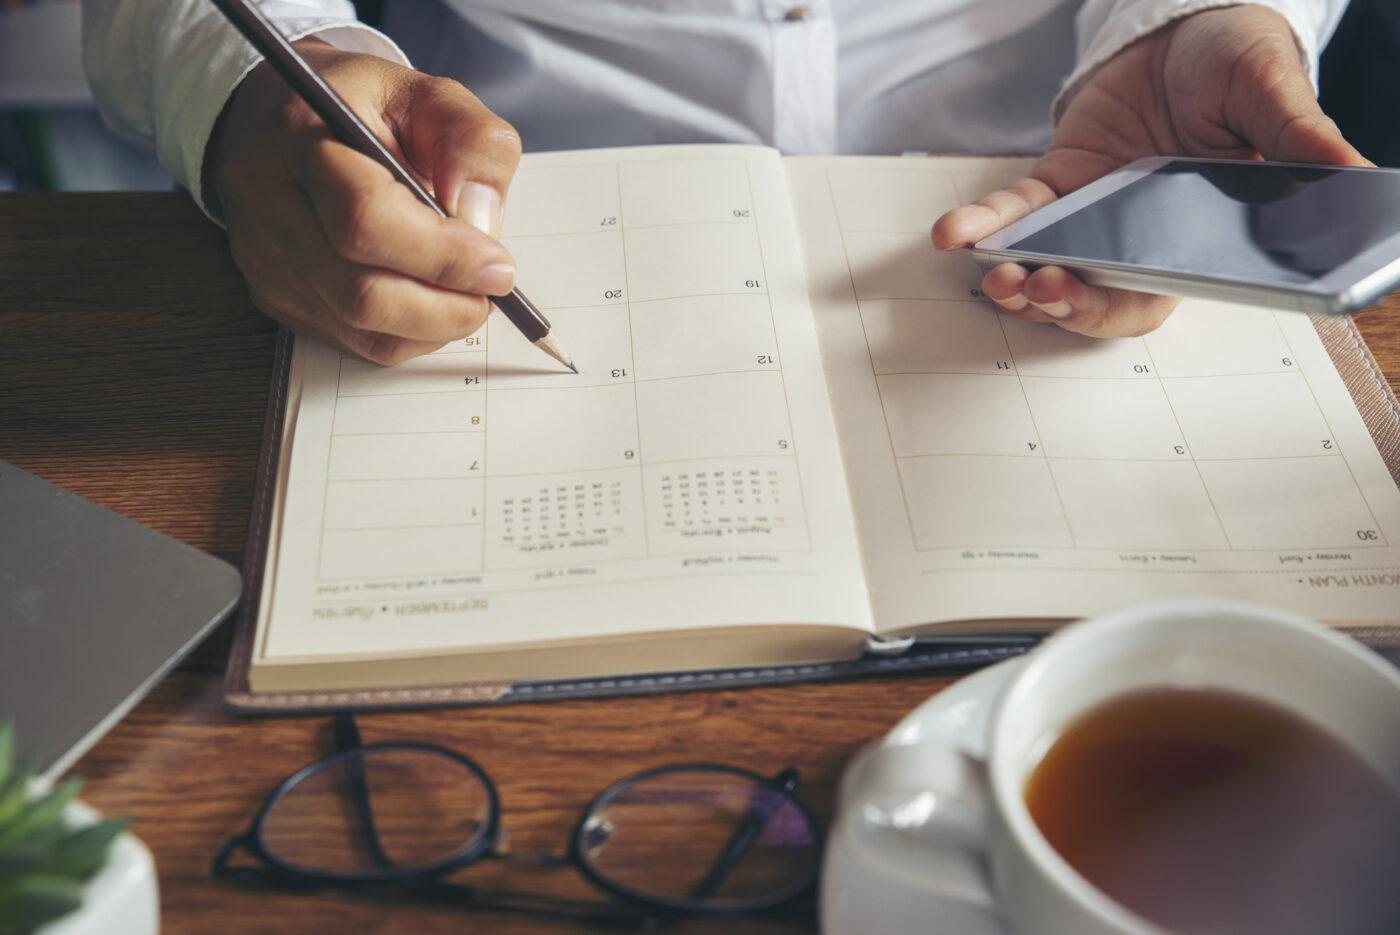 Planning schedule at elite jobs